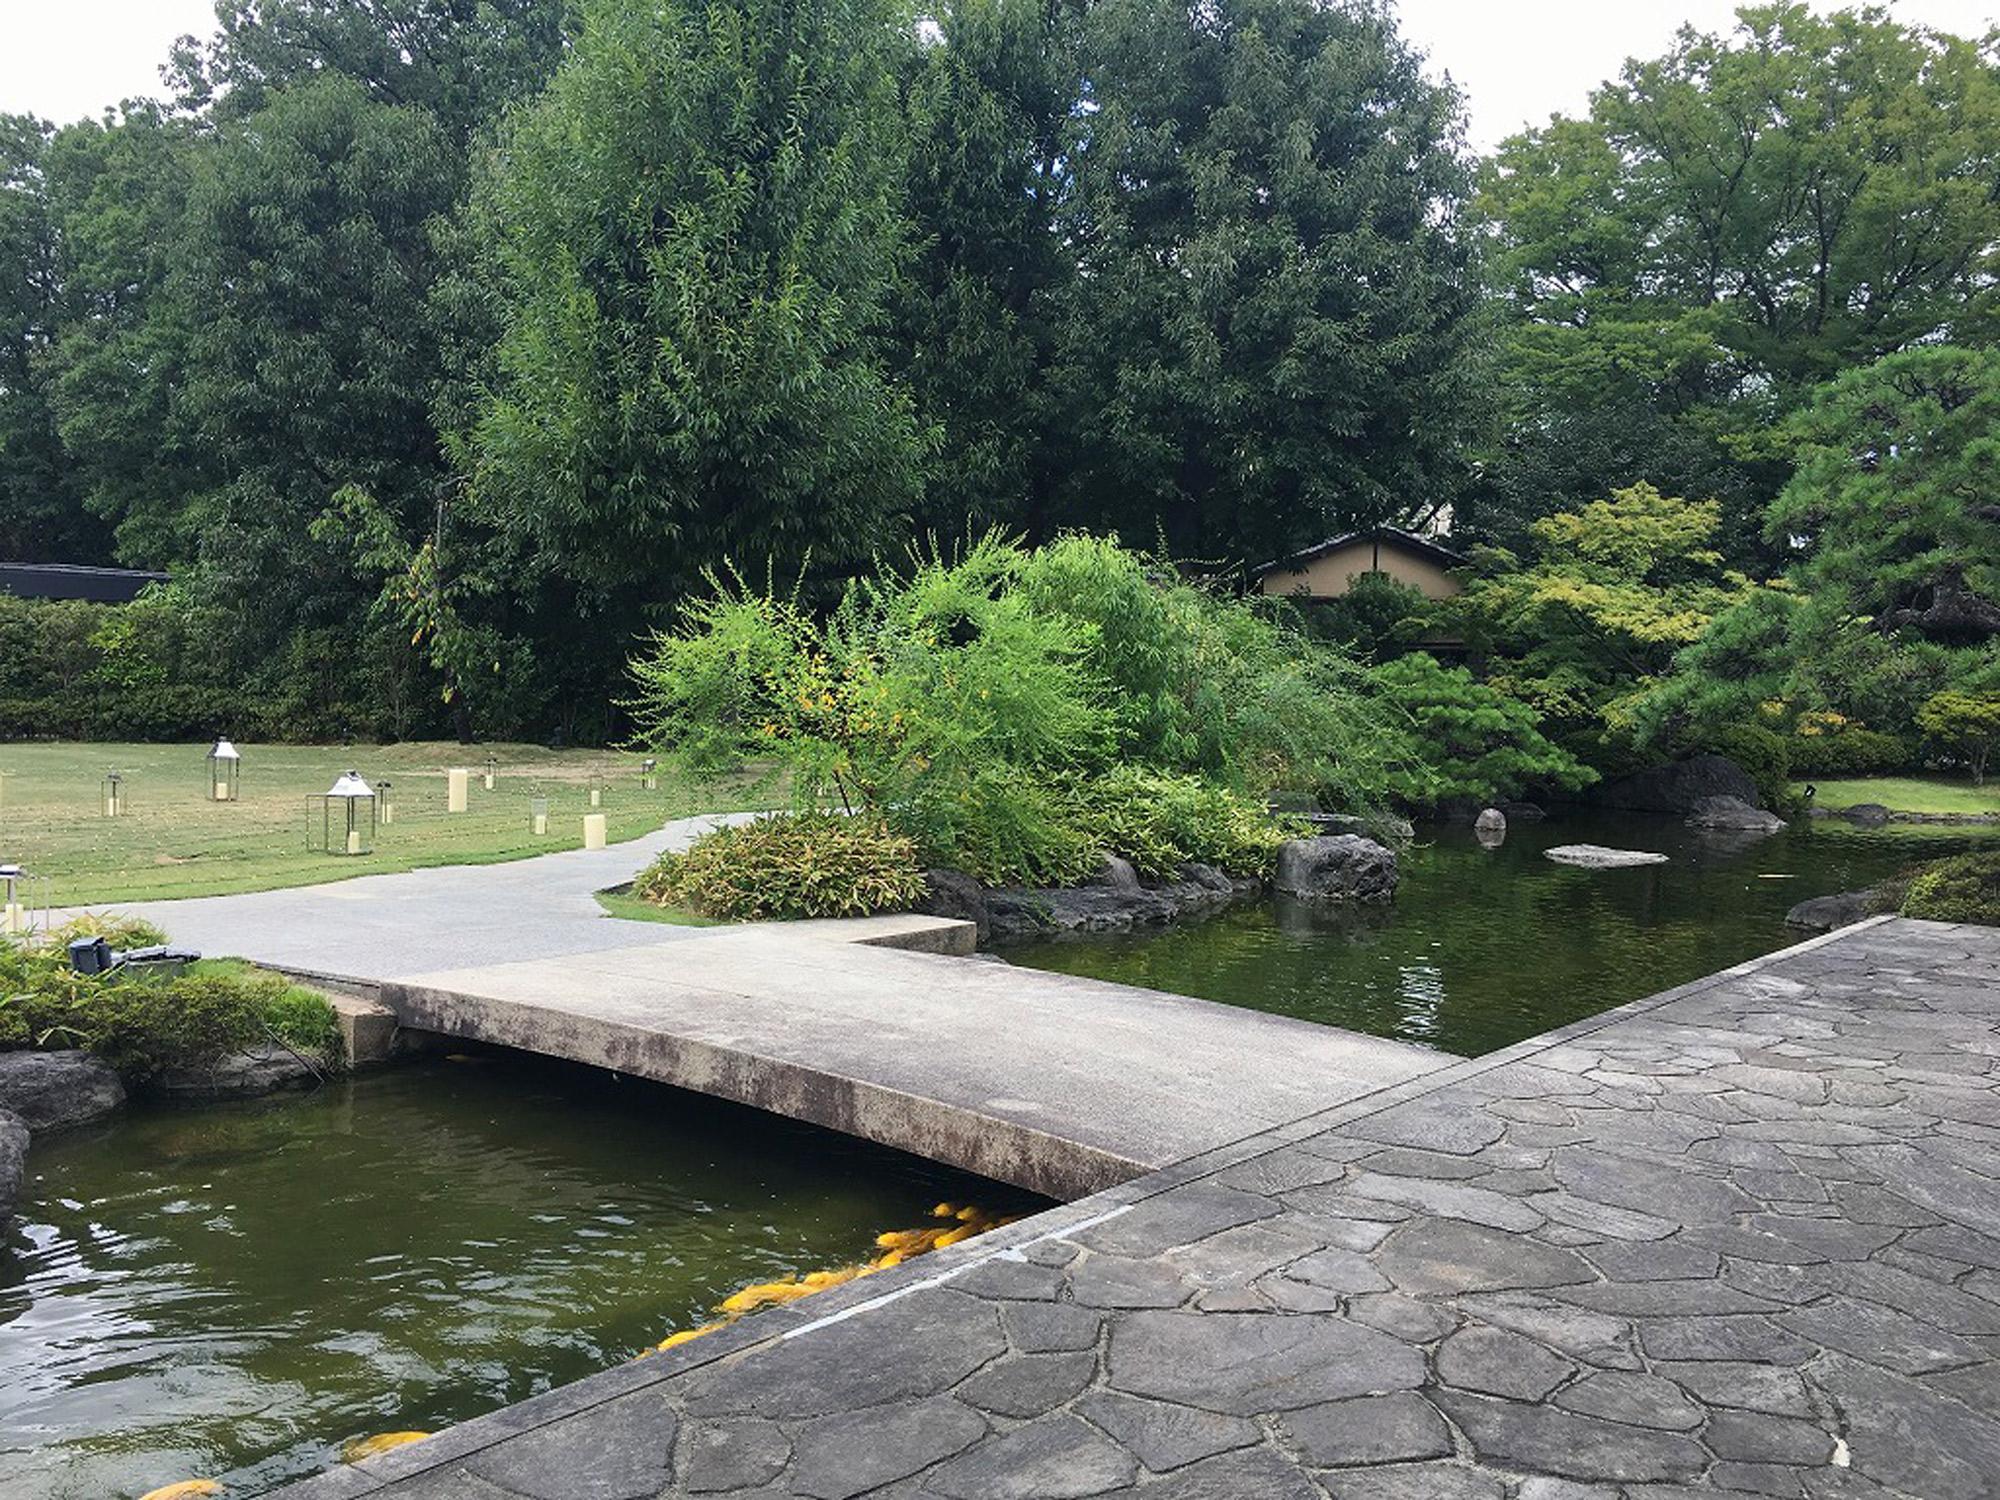 ザ・ガーデンオリエンタル・大阪の庭園